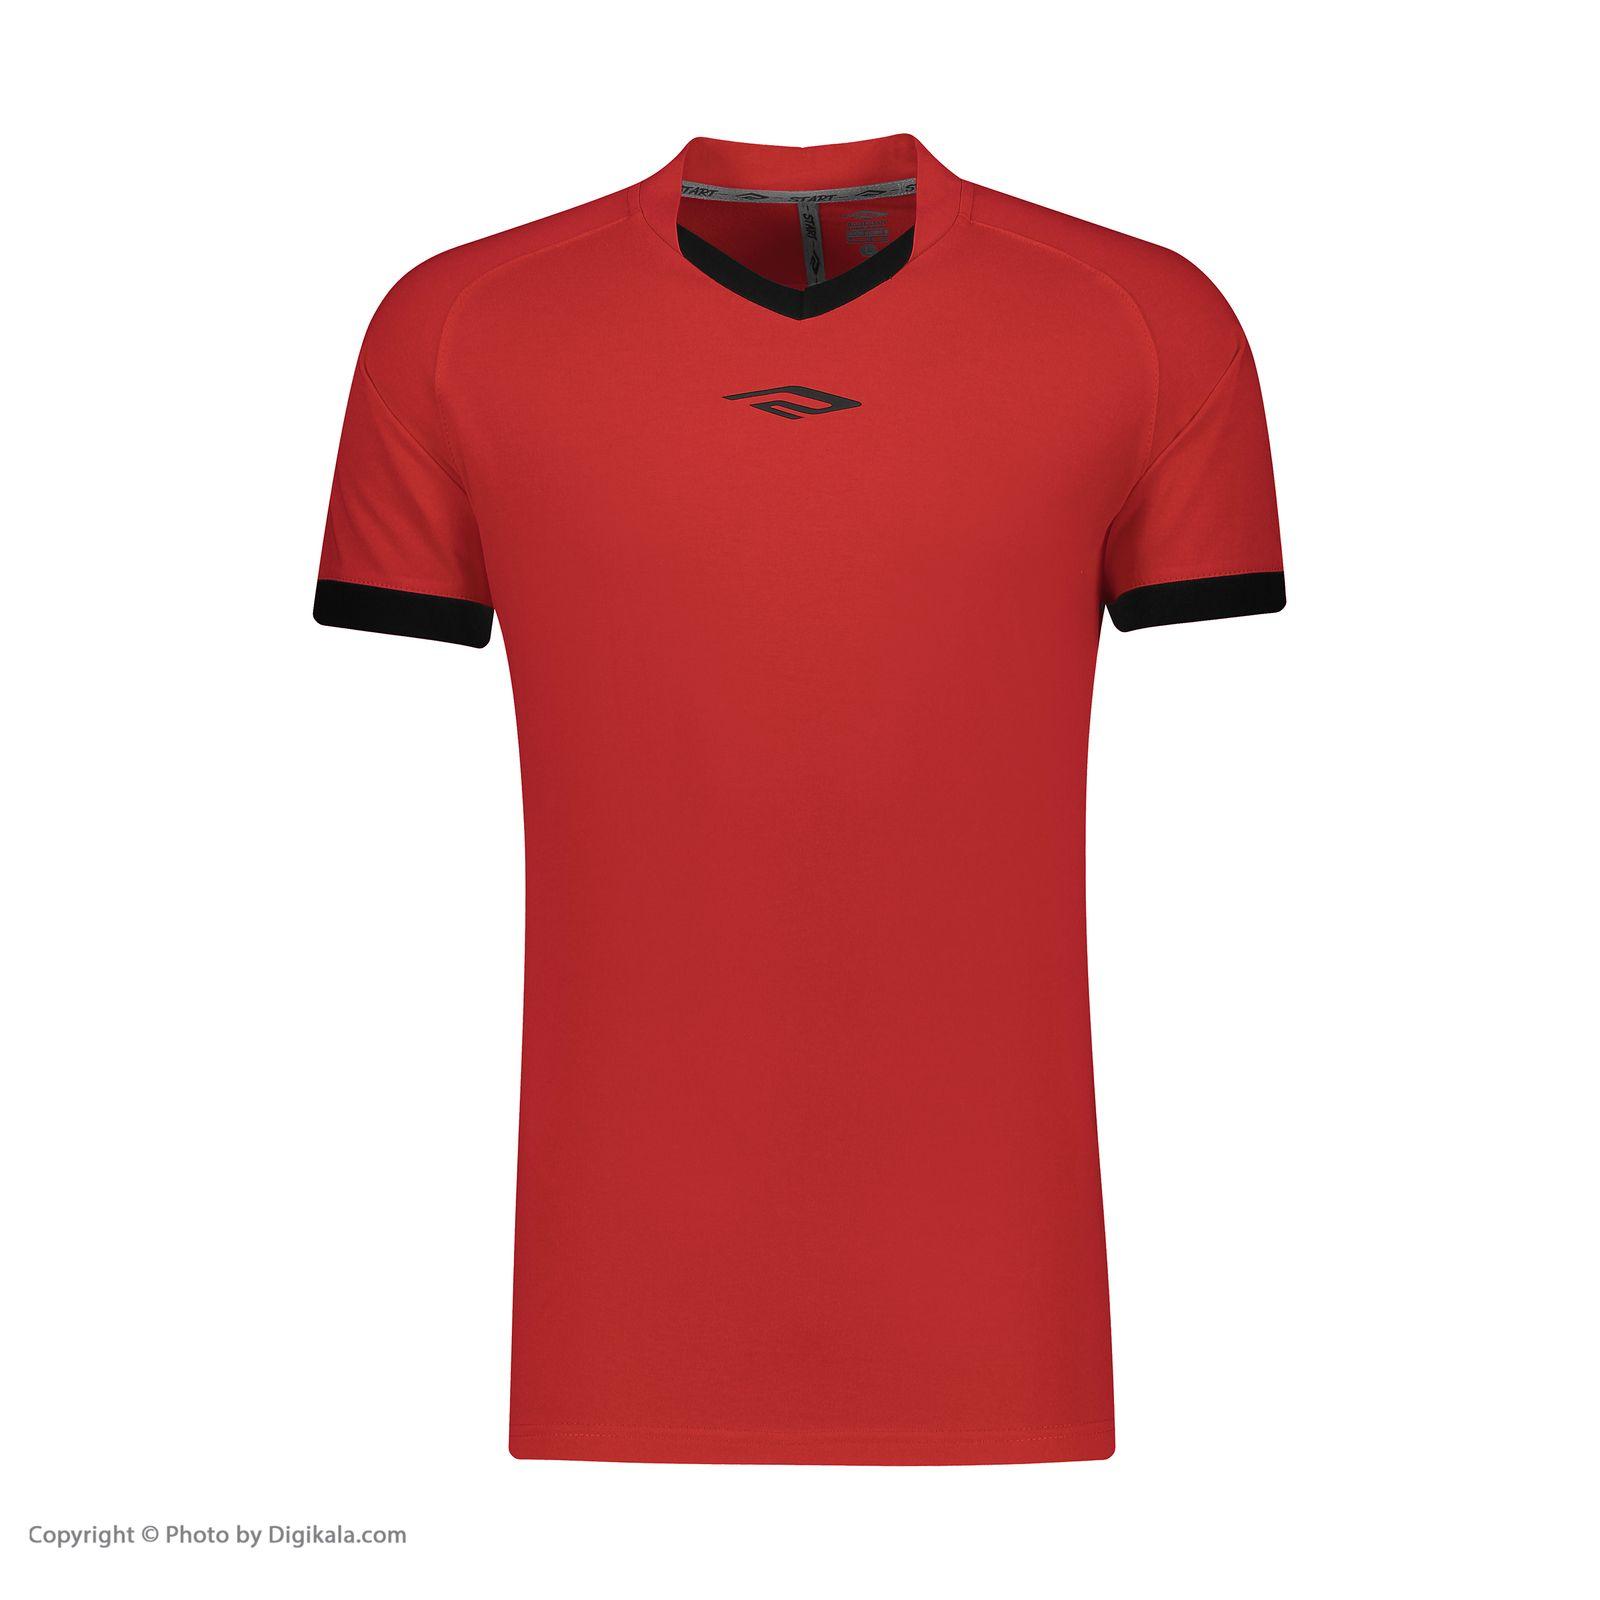 ست پیراهن و شورت ورزشی مردانه استارت مدل v1001-5 -  - 6